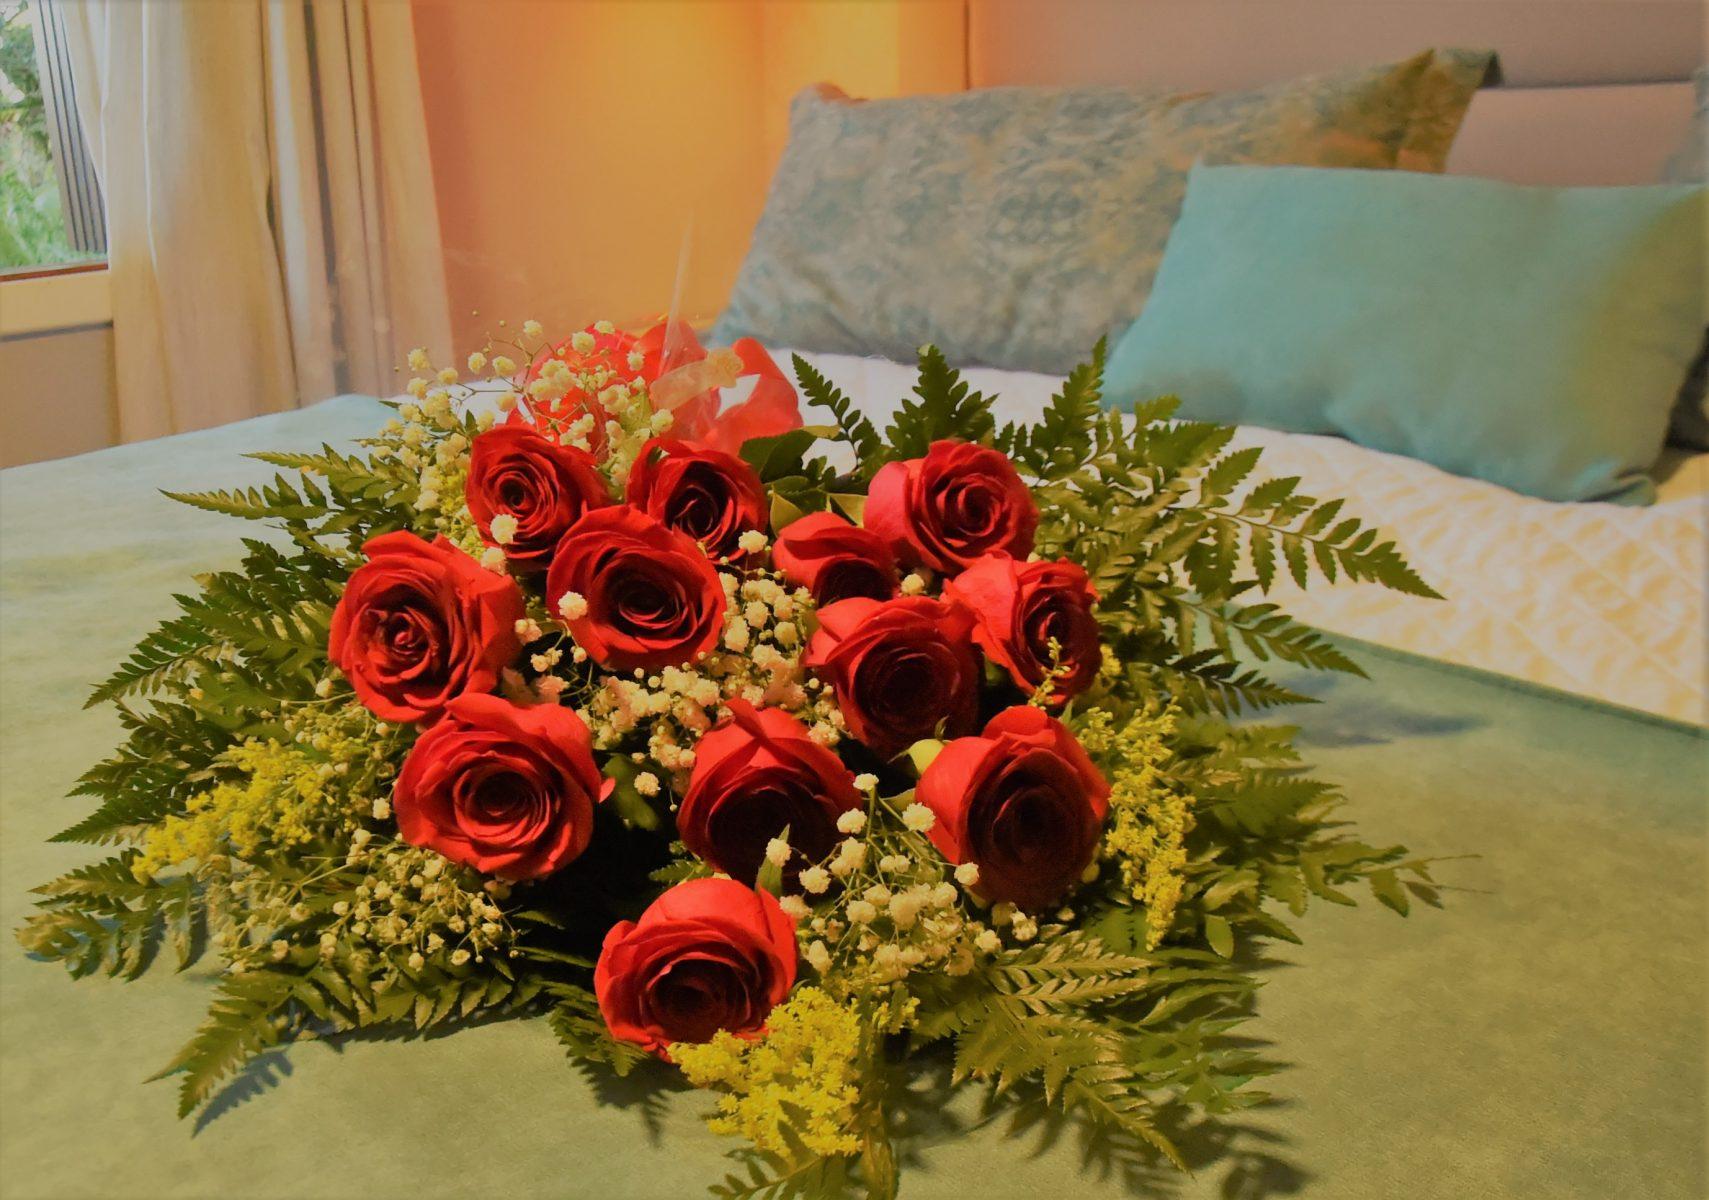 Ramalhete de Rosas - Casal no Hotel Bangalôs da Serra de Gramado na Serra Gaúcha